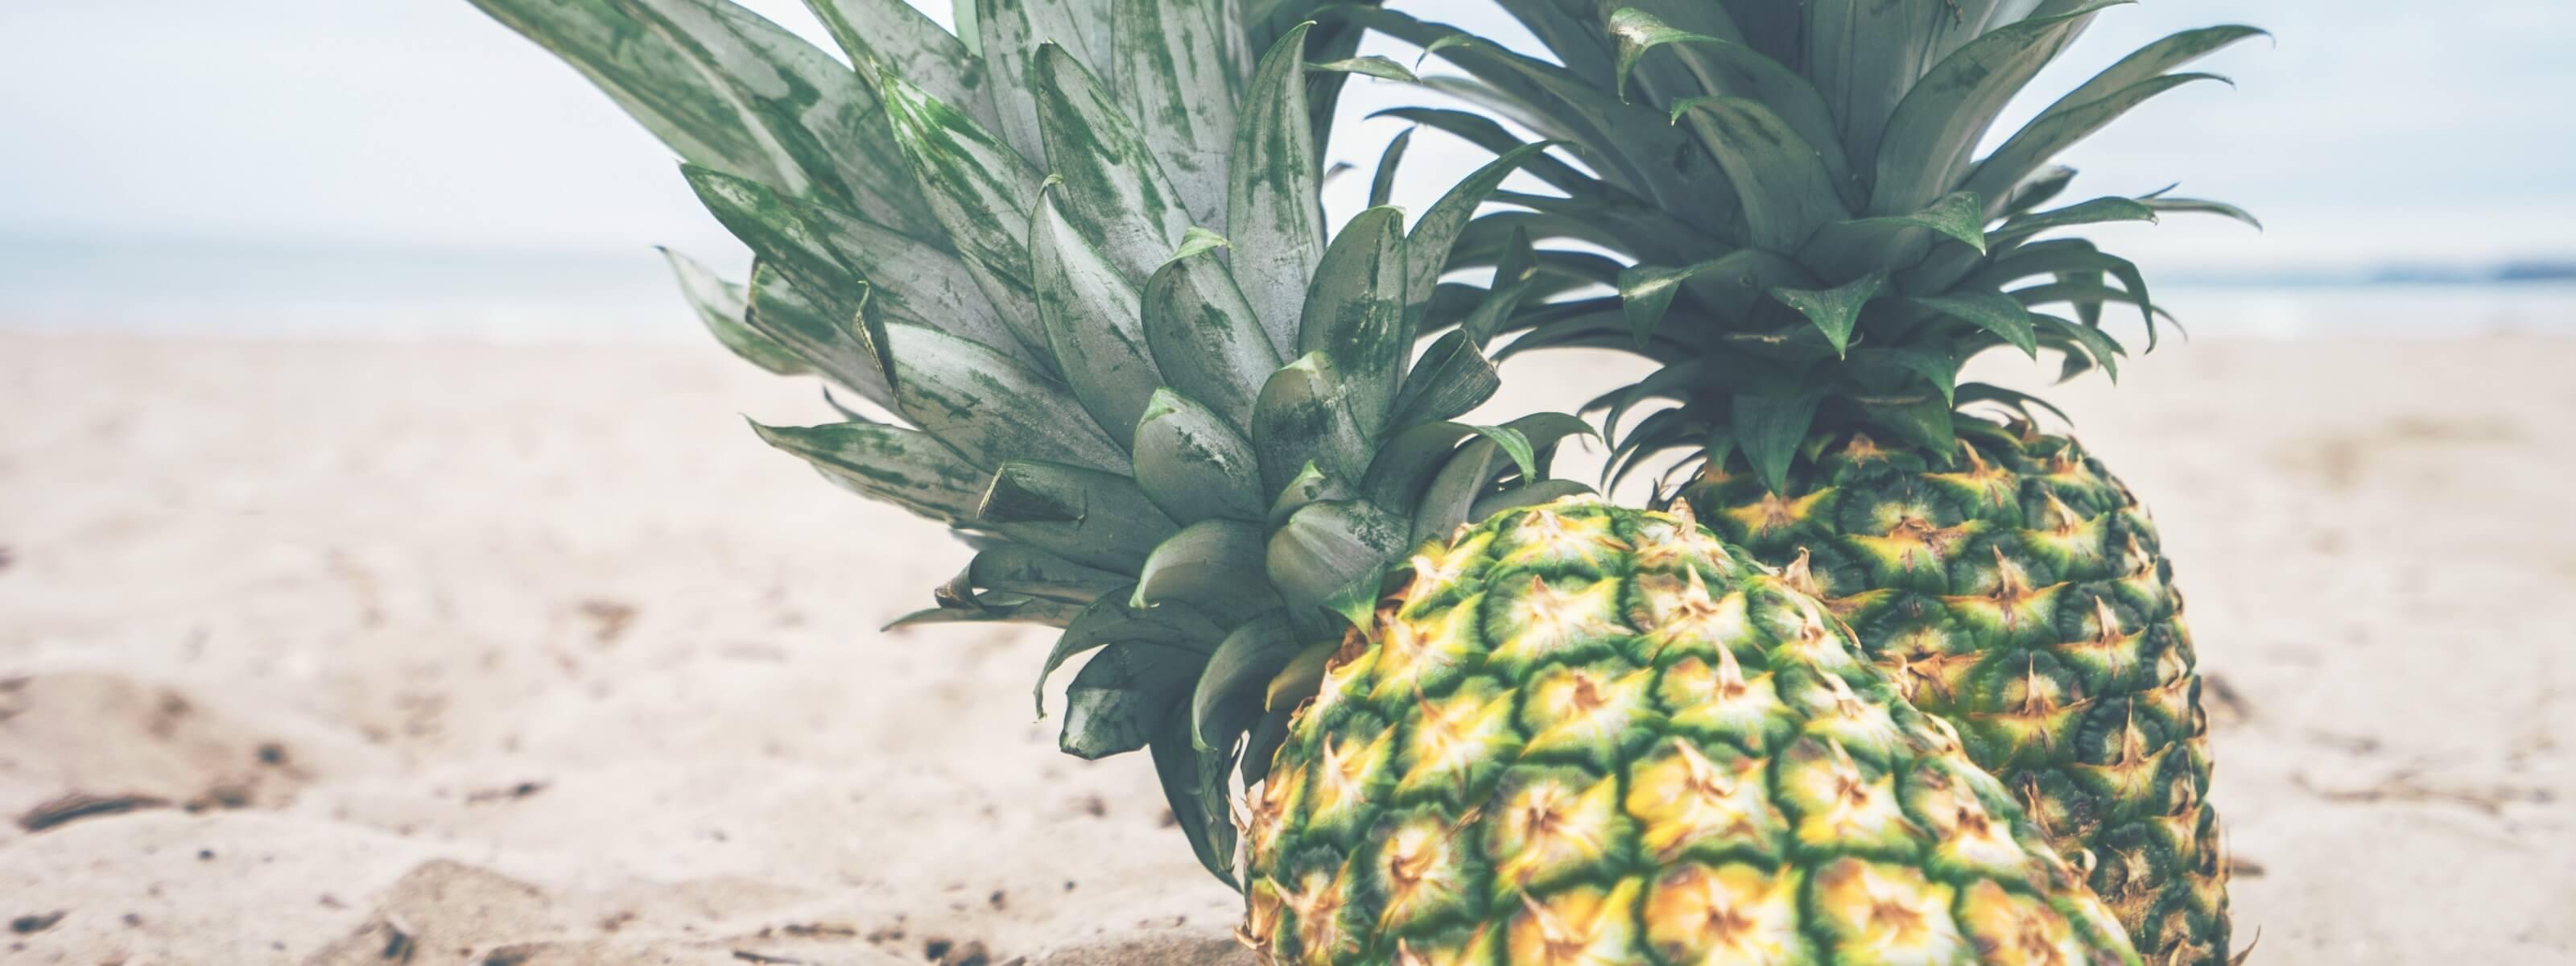 Красивые и прикольные картинки, обои ананаса - подборка 2018 10